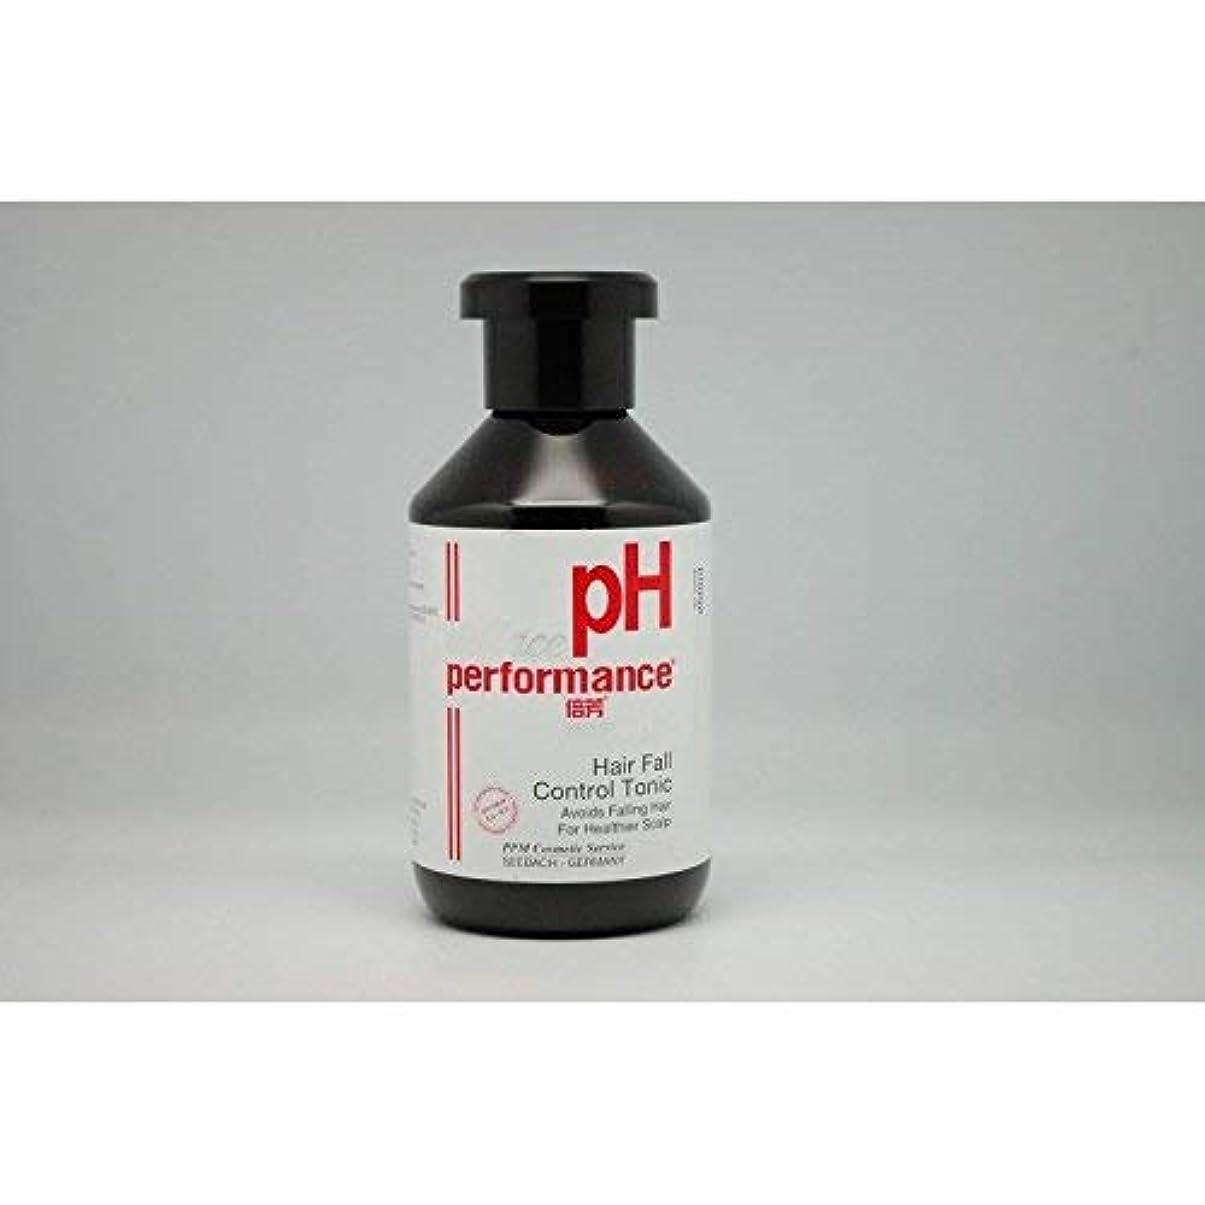 前投薬無許可公然とAUDACE パフォーマンス制御育毛剤250ミリリットルのMCのpH値